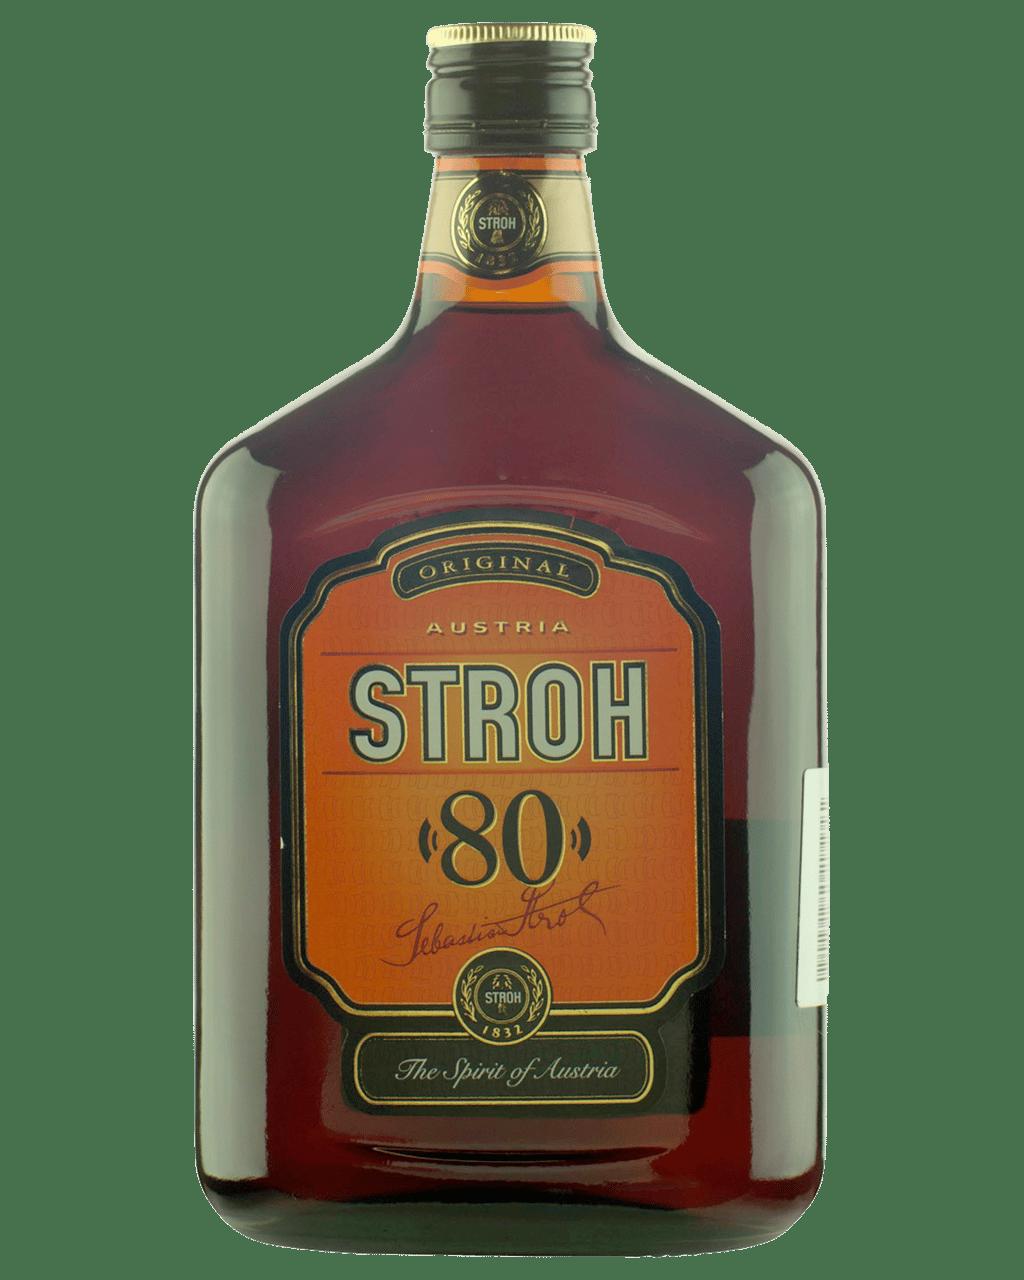 c5badec8891 Stroh Rum 80% 500mL   Dan Murphy's   Buy Wine, Champagne, Beer ...